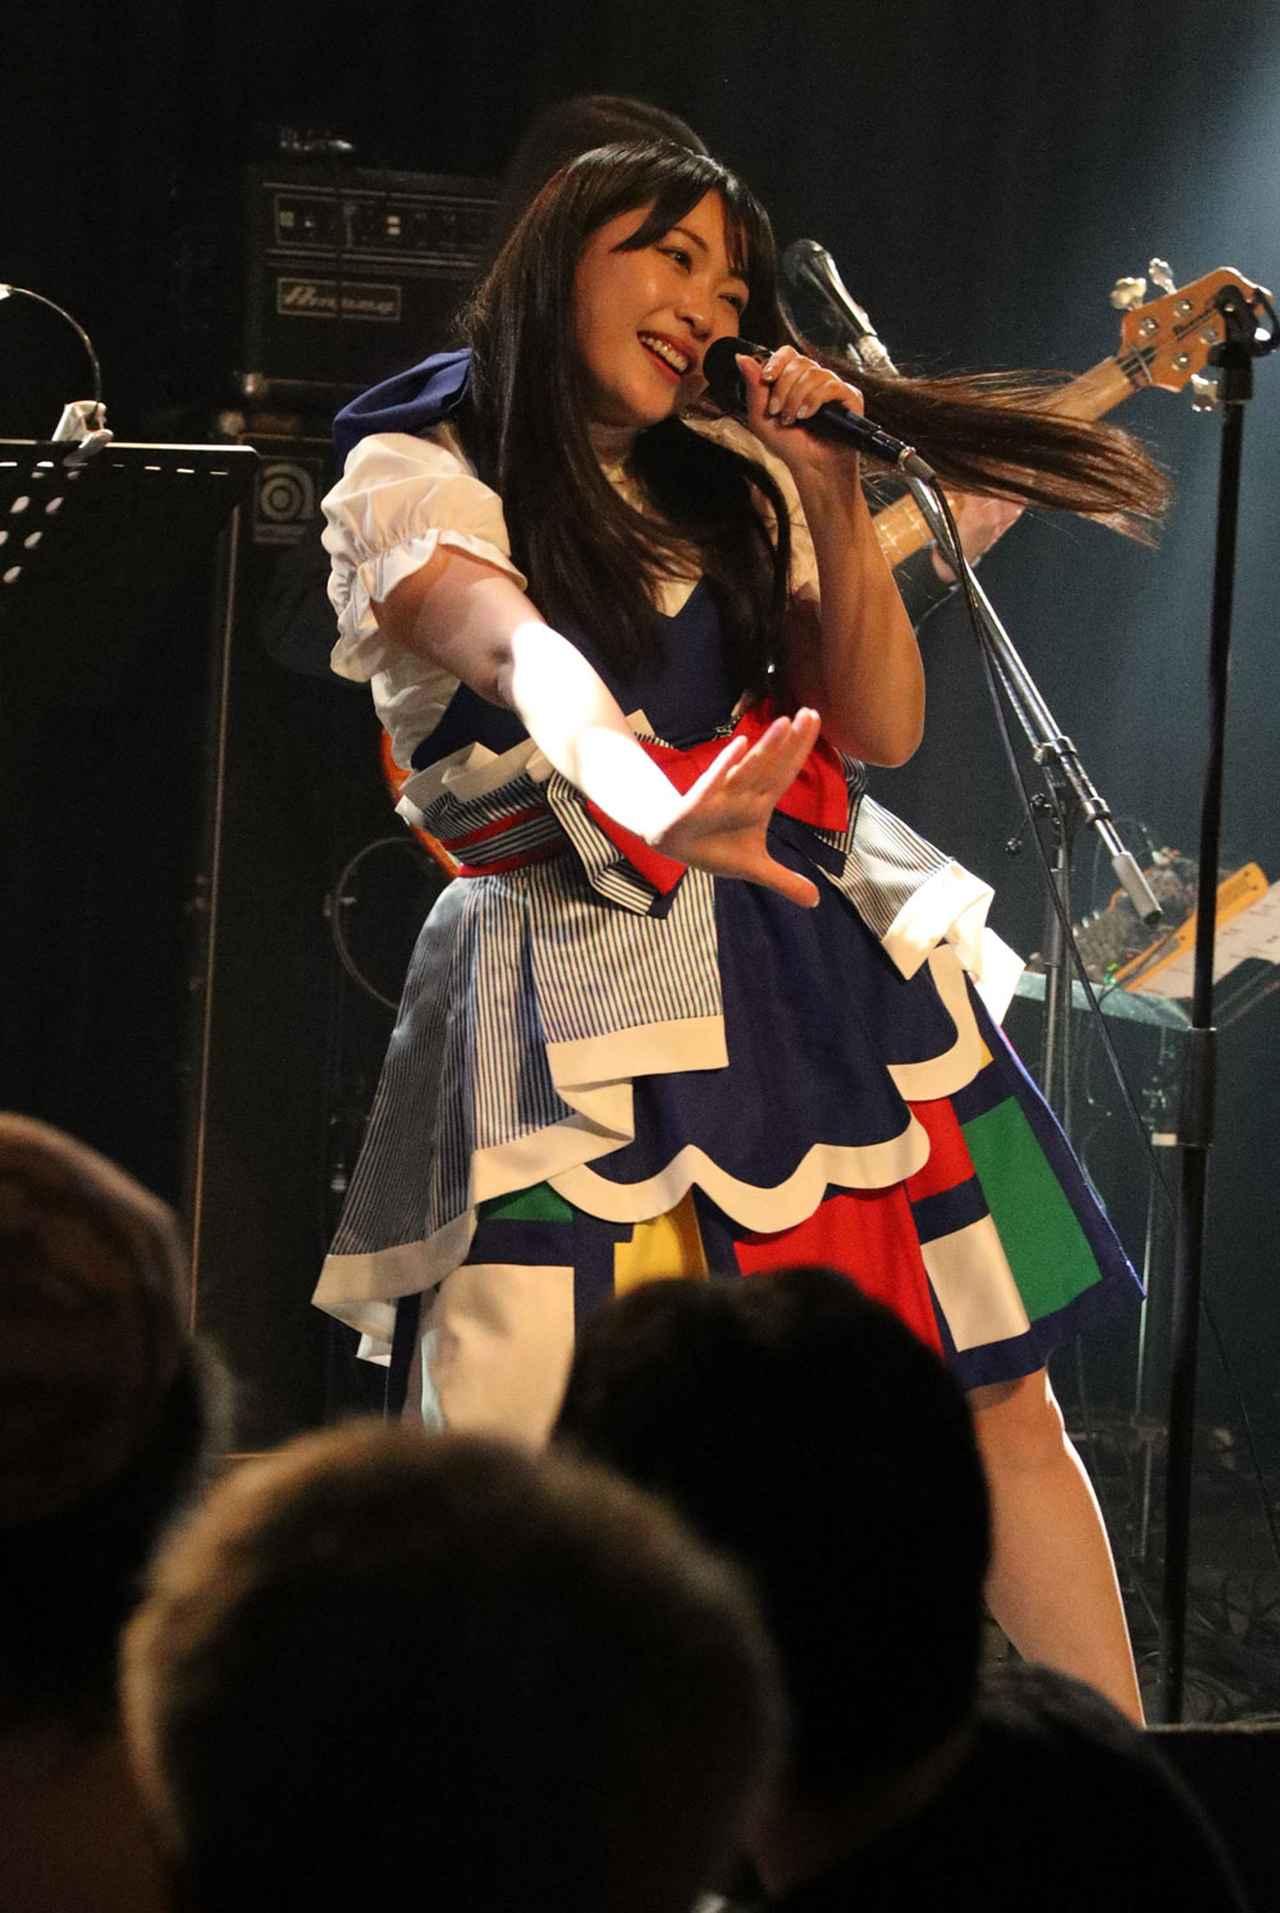 Images : 43番目の画像 - 「ミライスカートバンド/初東京ワンマン公演が大成功。5人一体となった白熱のステージでオーディエンスを魅了」のアルバム - Stereo Sound ONLINE